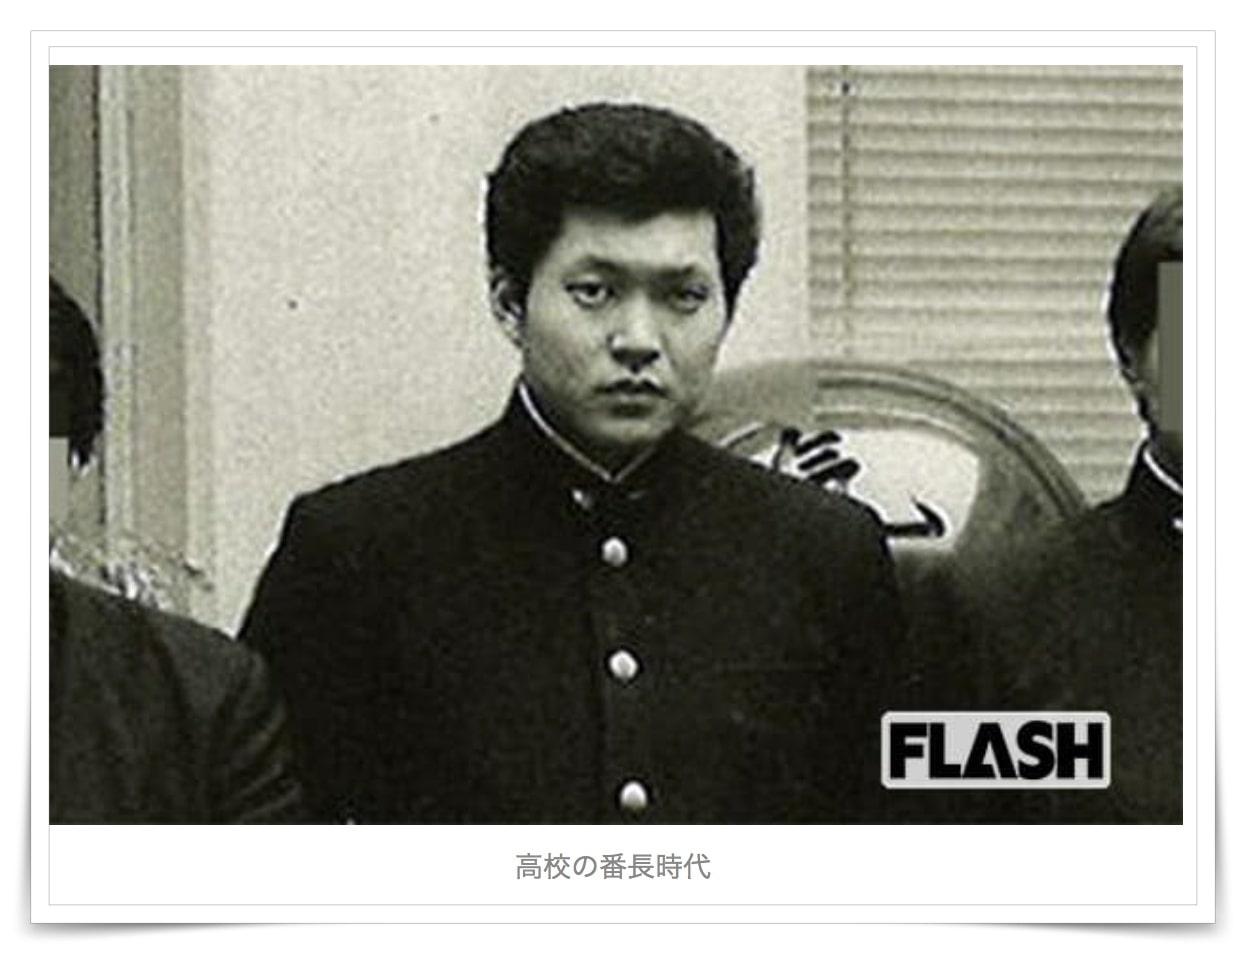 萩生田光一の若い頃の画像